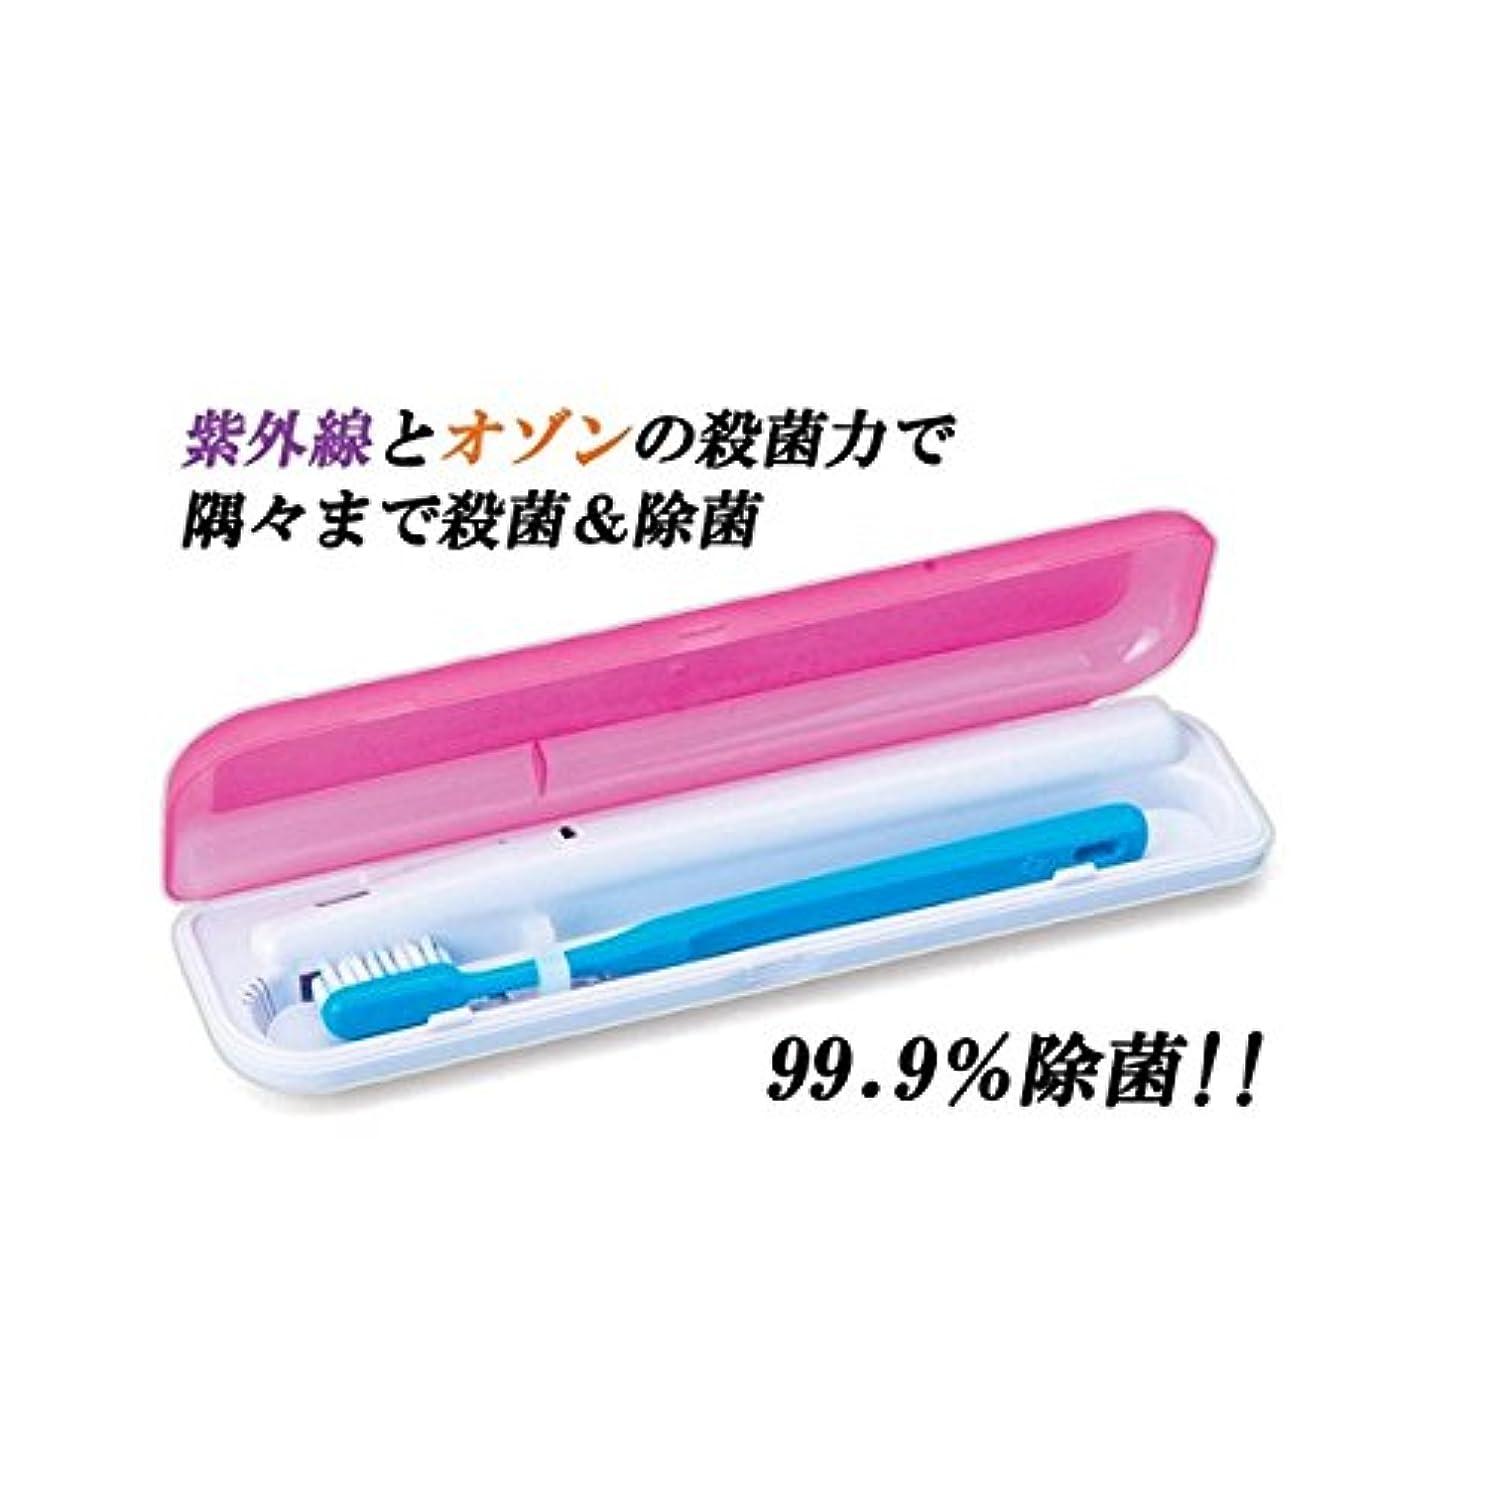 サミット柔らかい足飲み込む除菌歯ブラシ携帯ケース